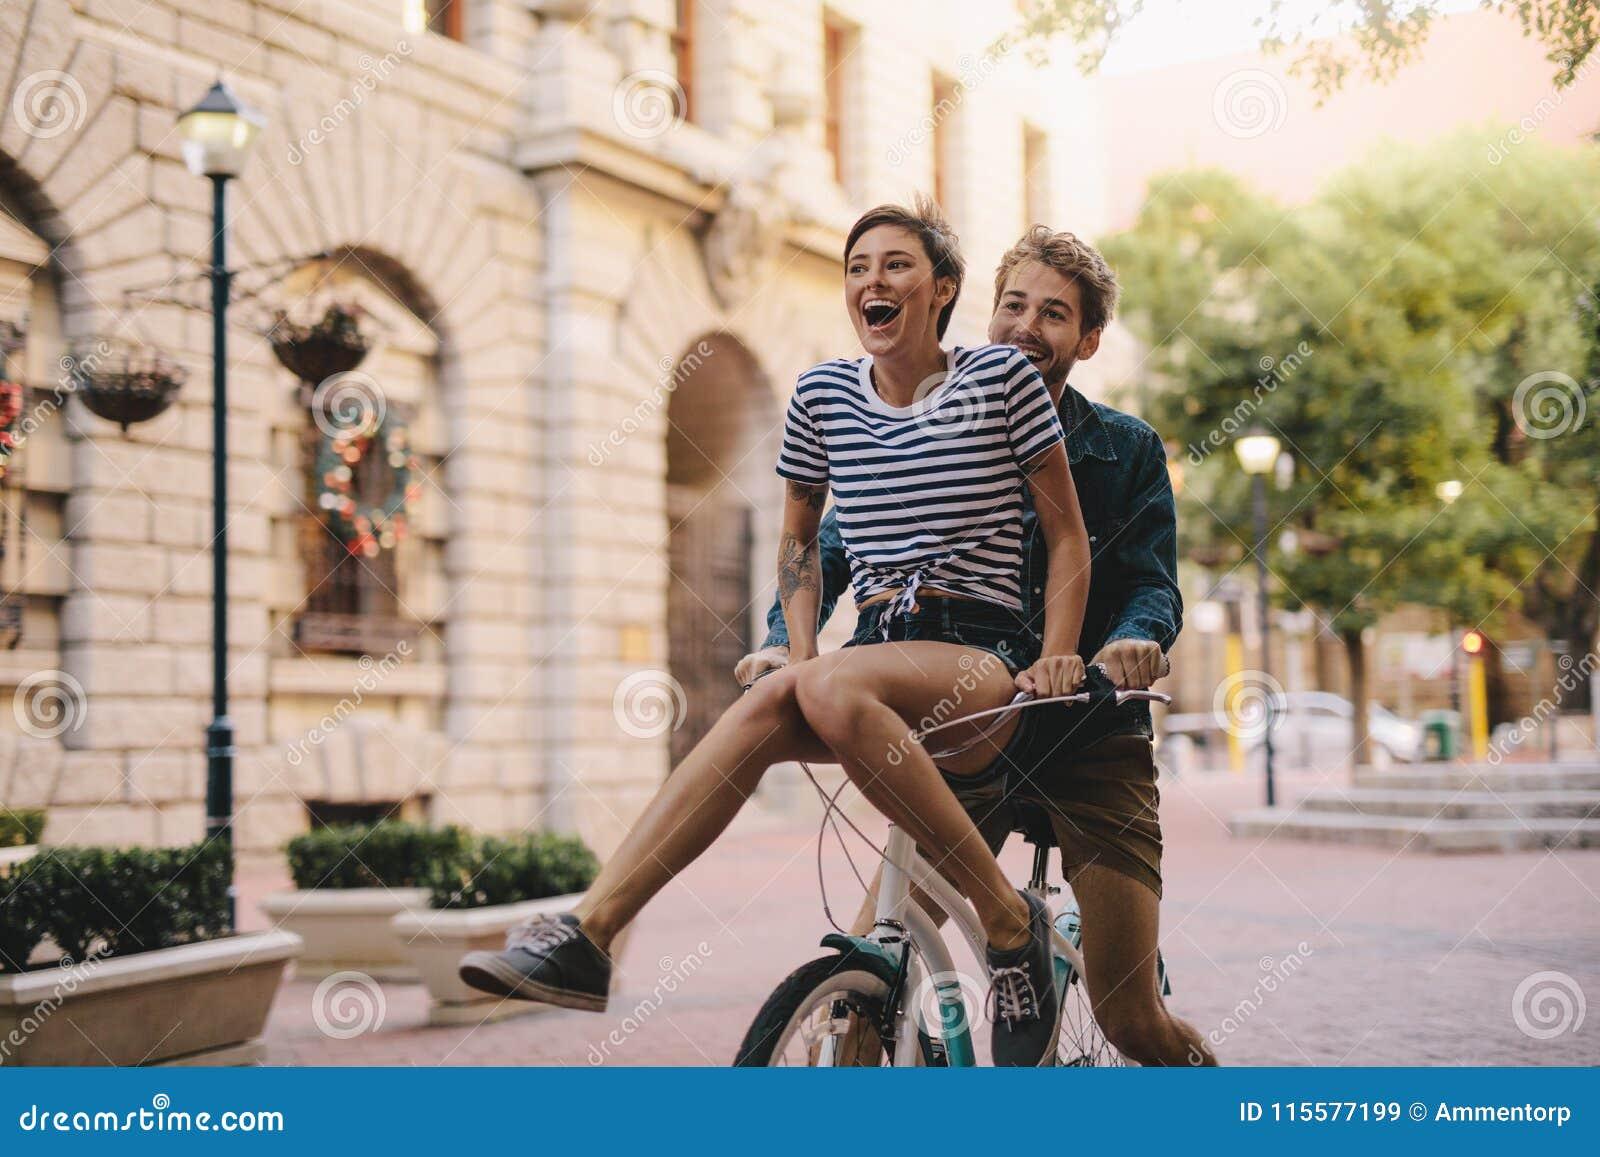 Dobiera się cieszyć się rowerową przejażdżkę w mieście